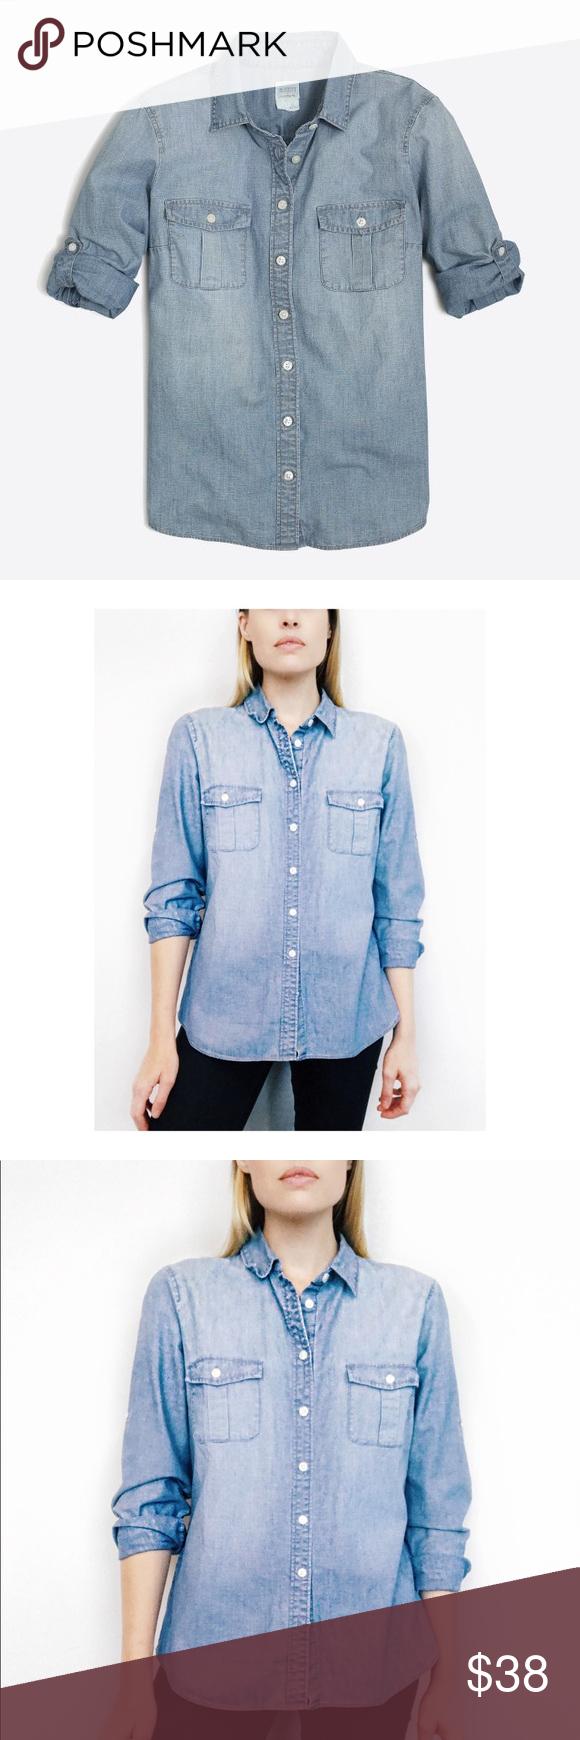 52f07f89 J.Crew 👱🏻 ♀ Perfect Fit Chambray Shirt Classic chambray shirt ...